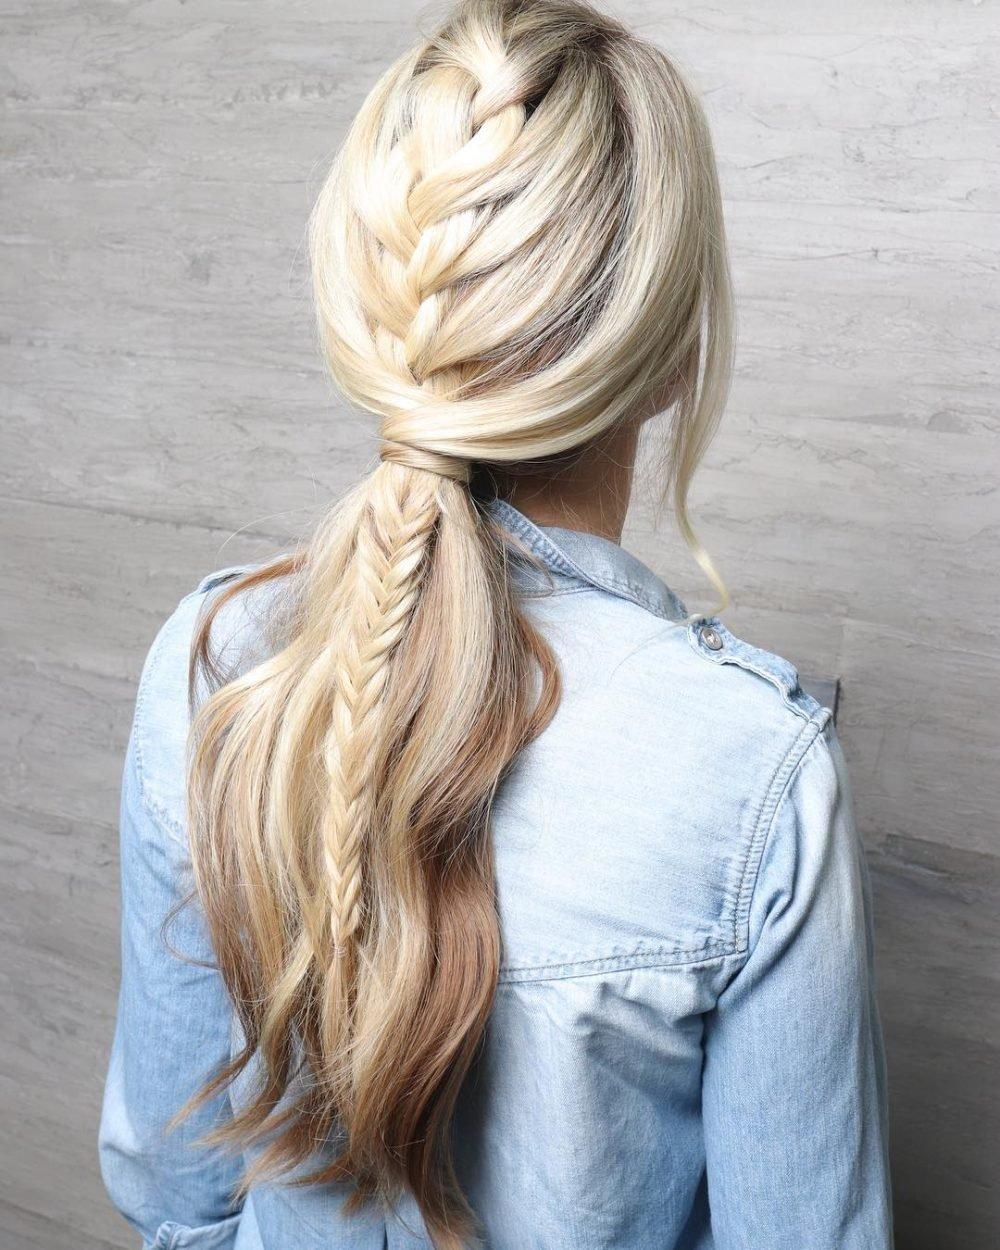 Modernized Dutch Braid hairstyle